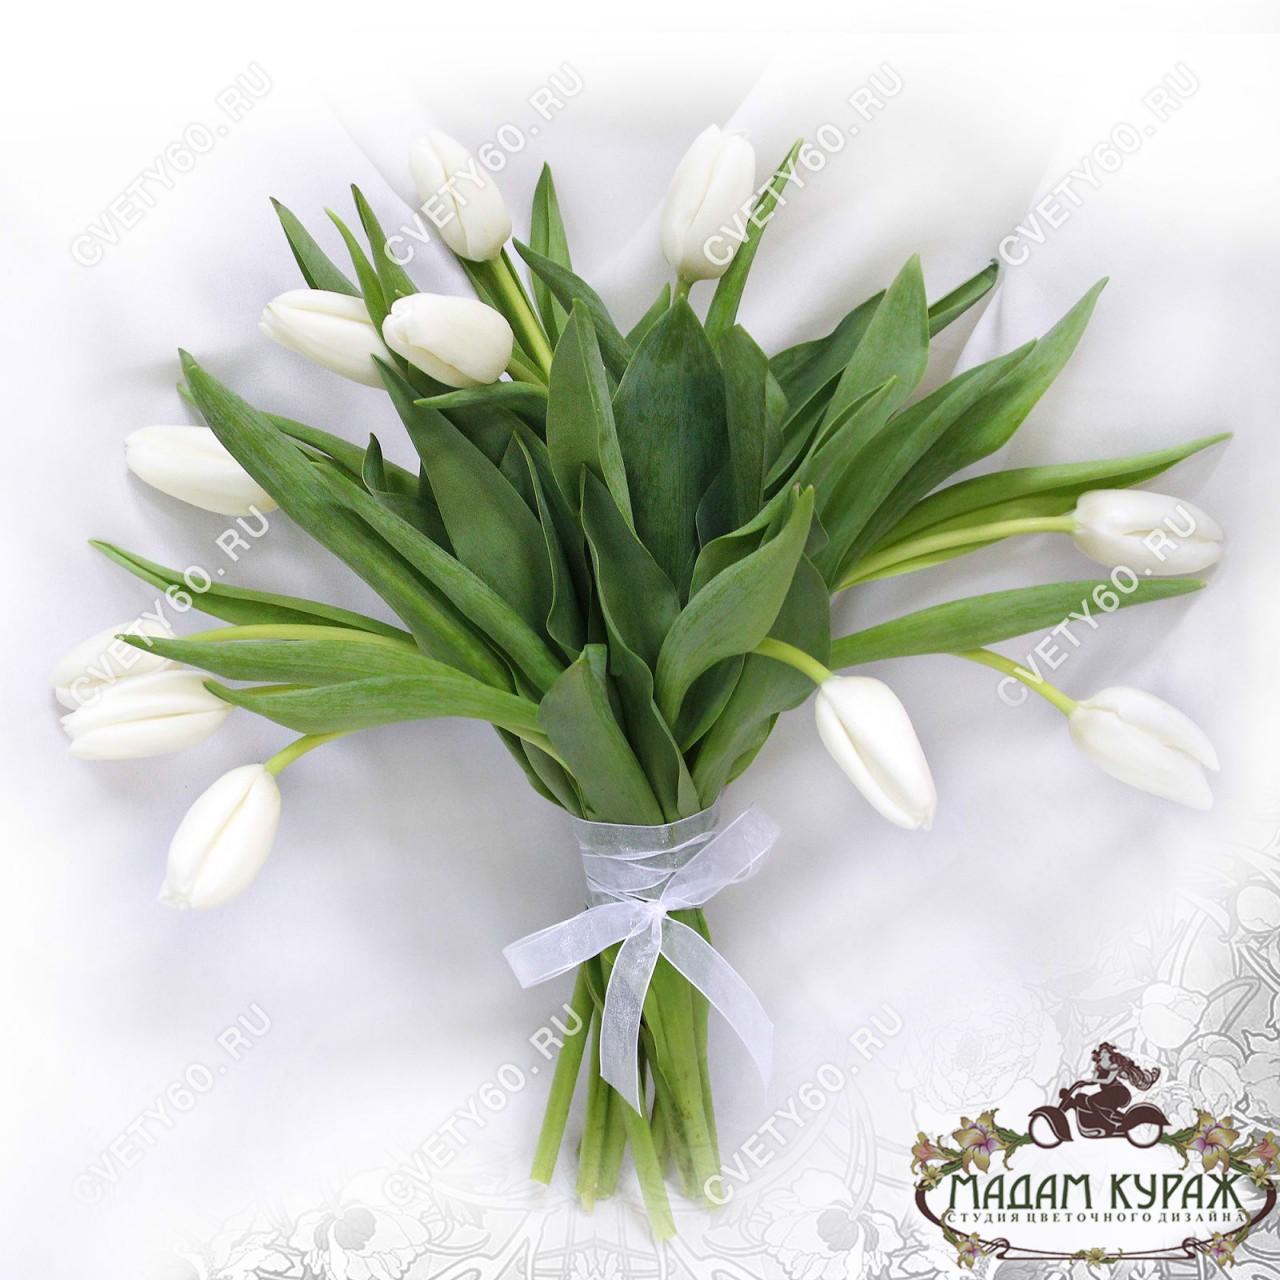 Тюльпаны нам 8 марта в Пскове